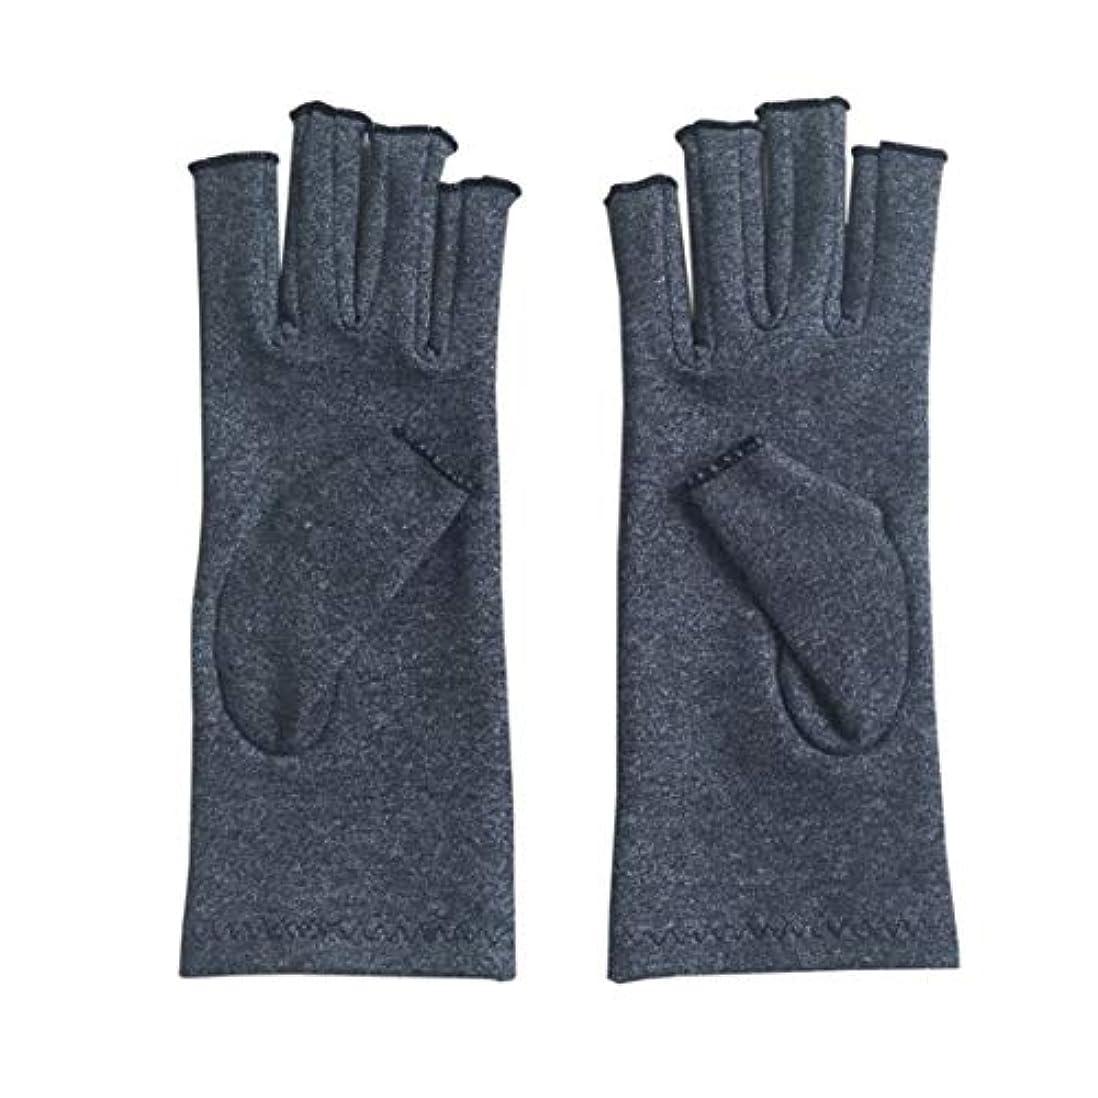 昼間違法飼料ペア/セット快適な男性女性療法圧縮手袋無地通気性関節炎関節痛緩和手袋 - グレーM